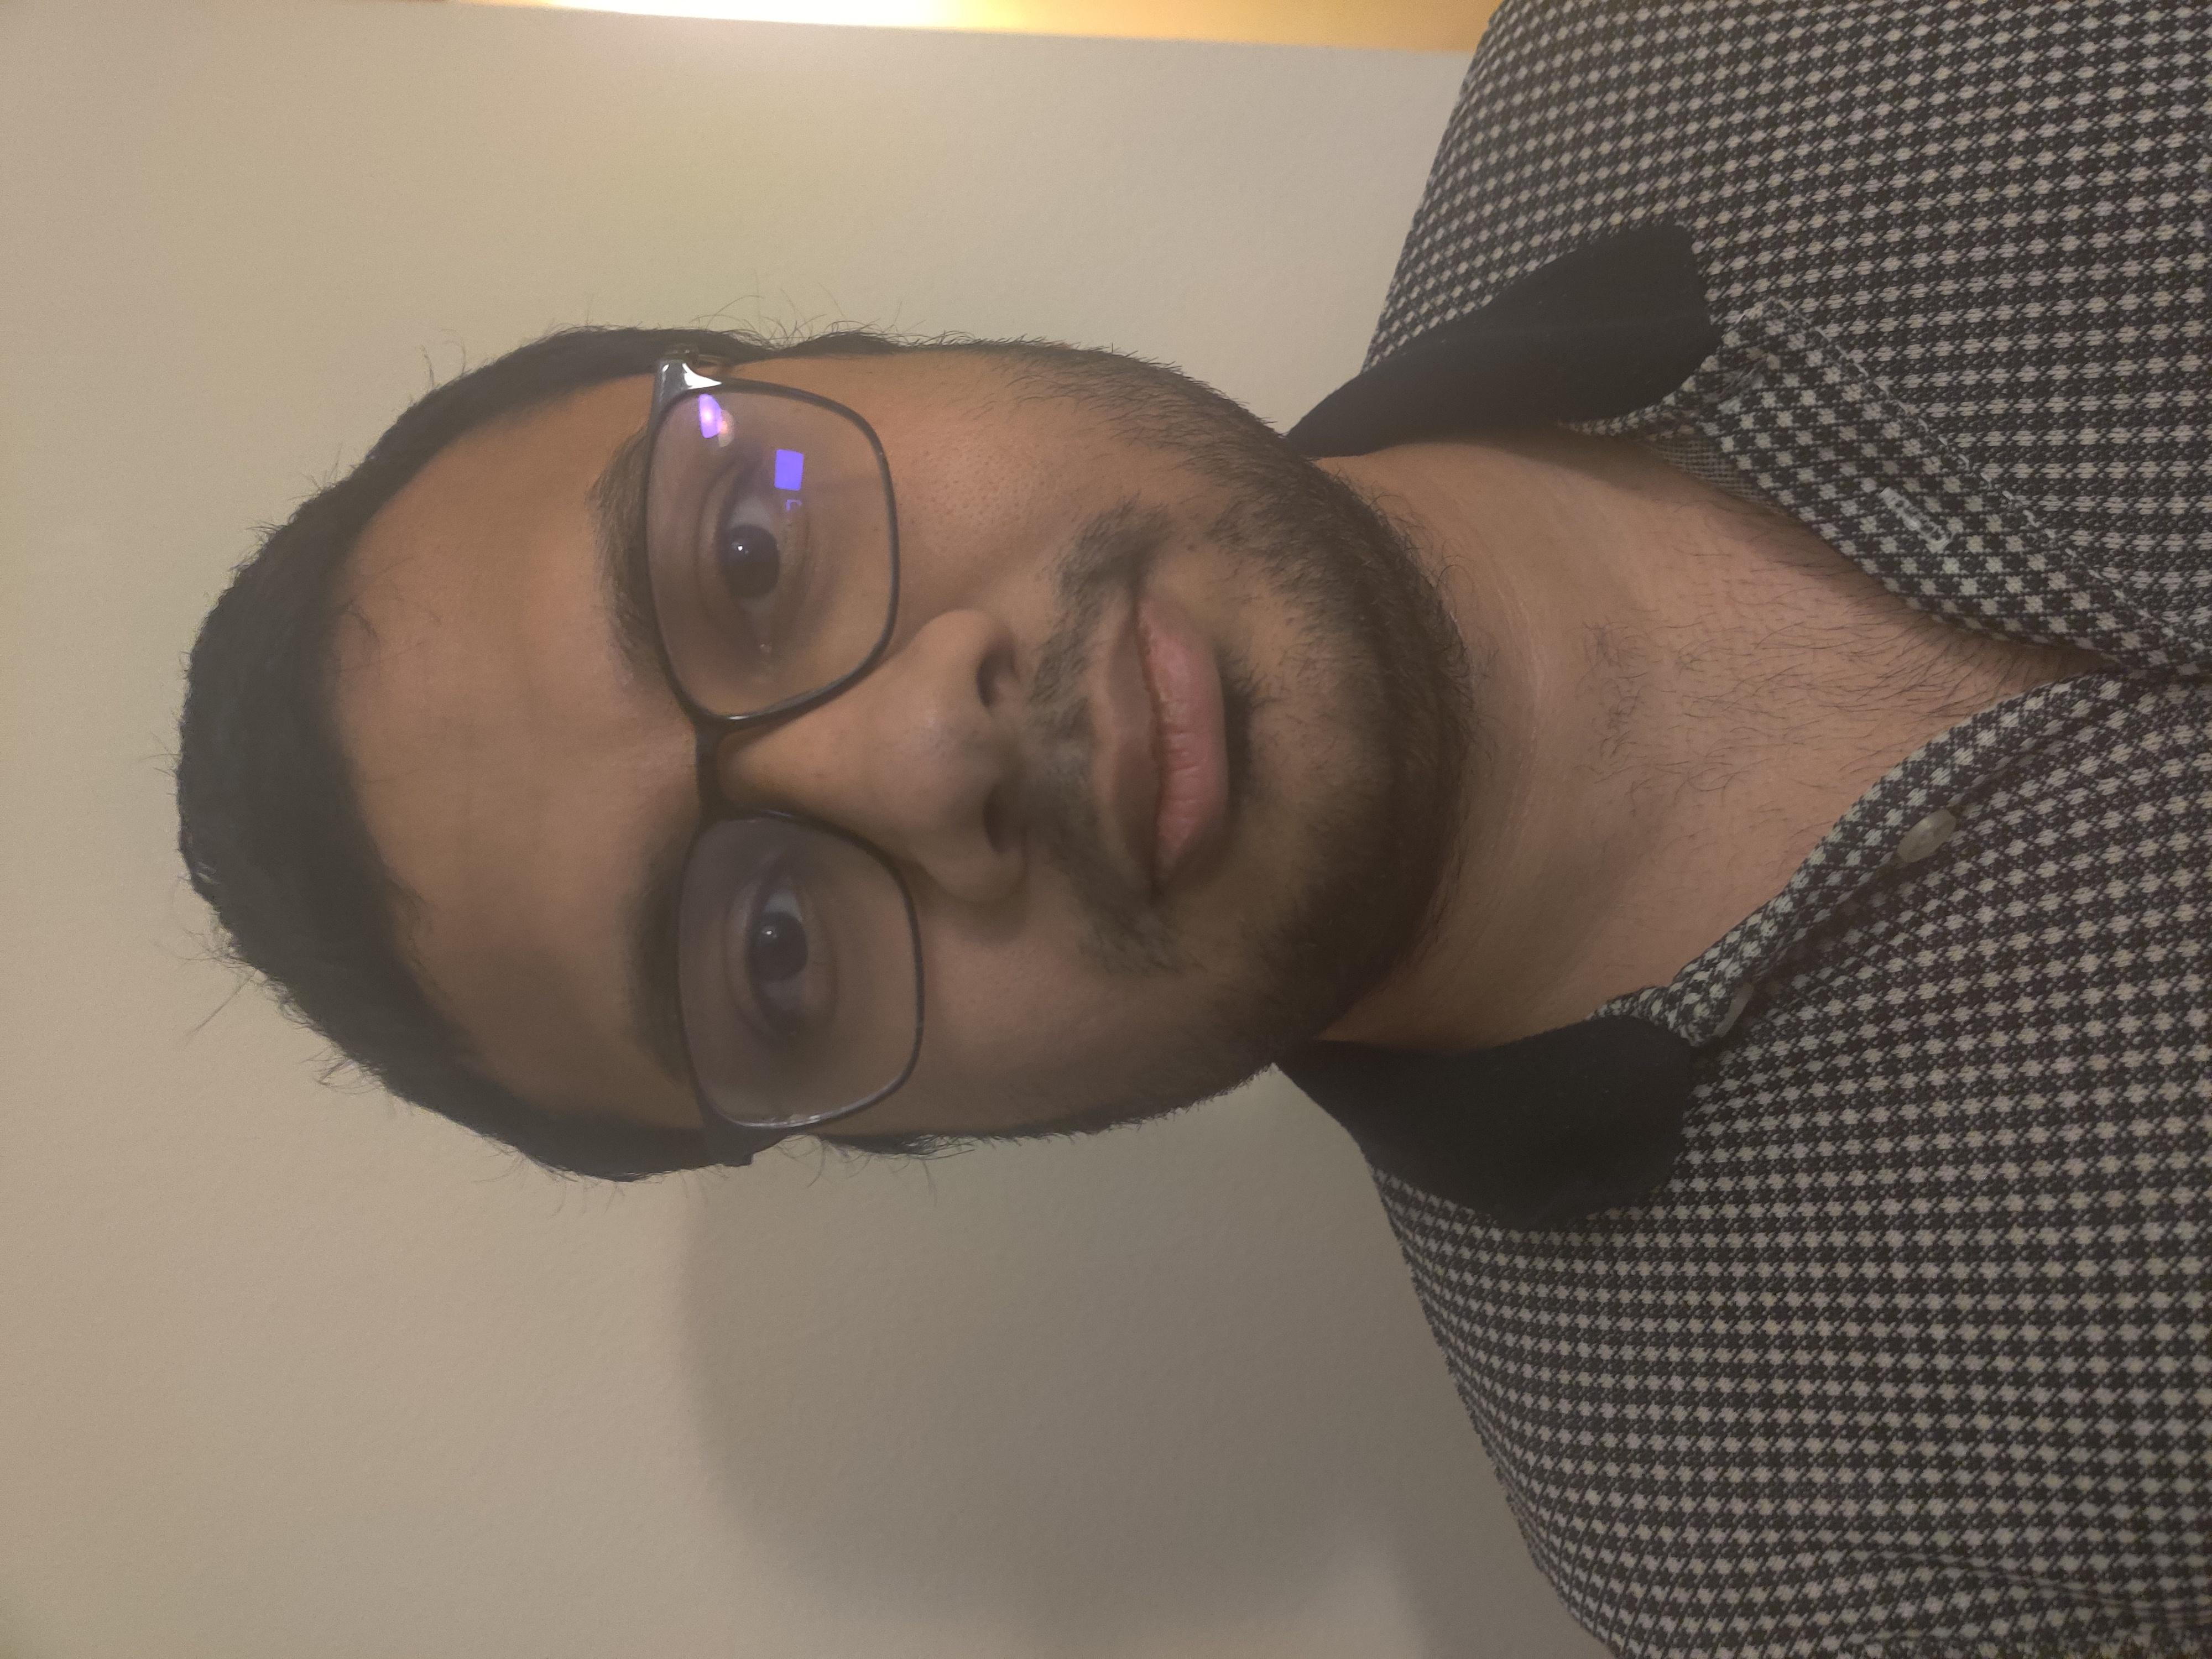 Dr. Anirban Das